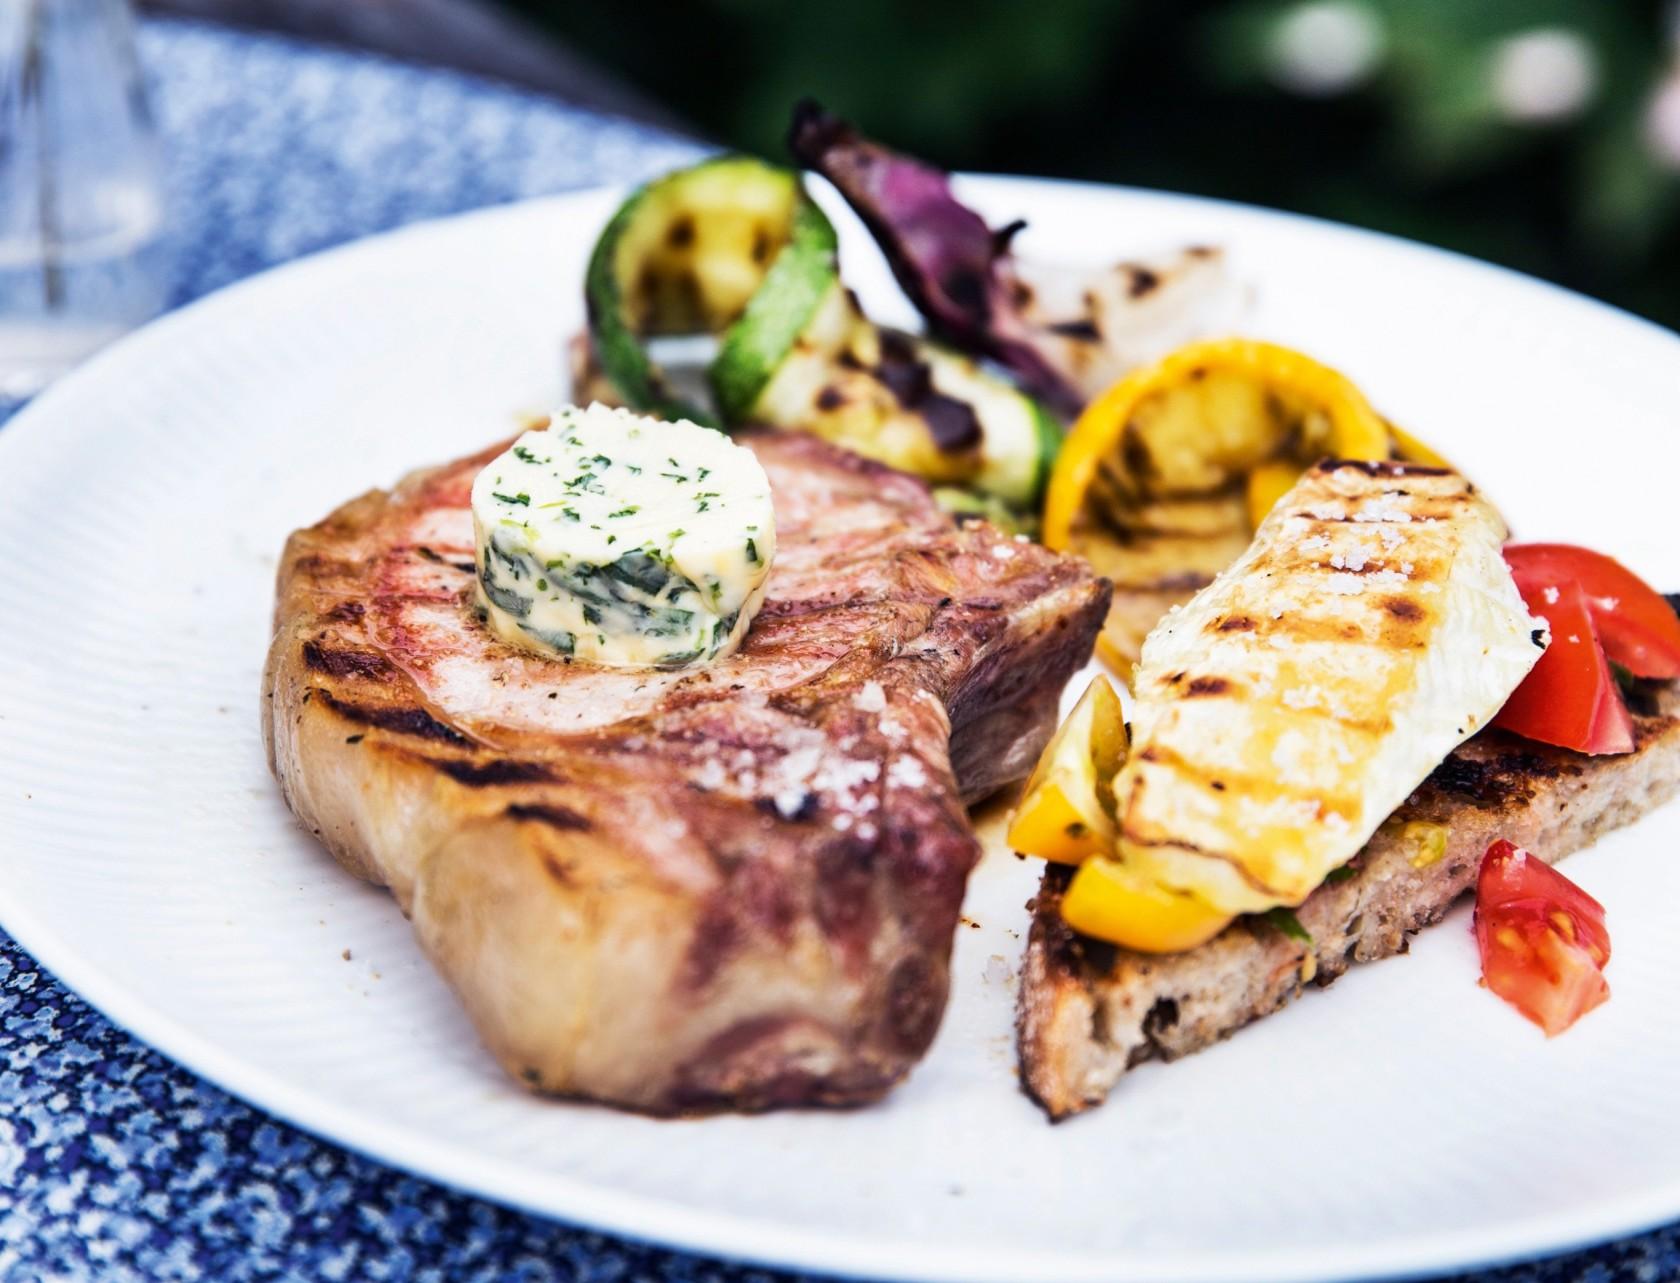 Svinekoteletter med estragonsmør, grillede grøntsager og brød med brie.